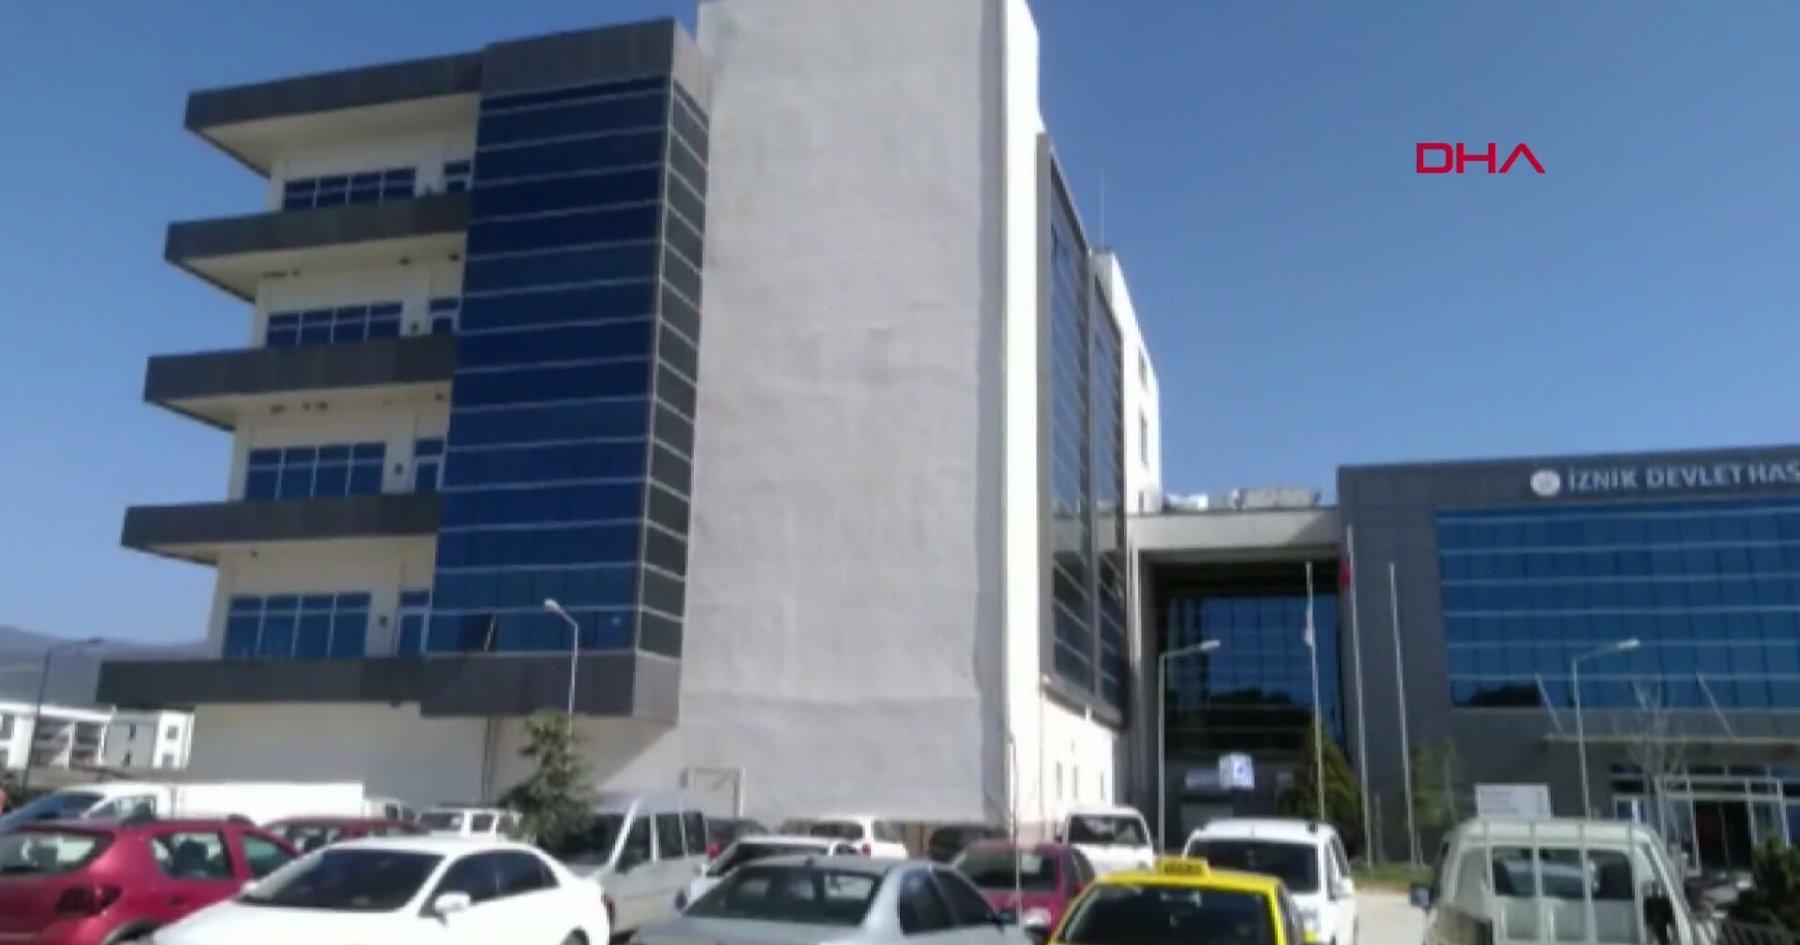 Muayene Olmak İçin Gittiği Hastanede Temizlik Yapan Teyze